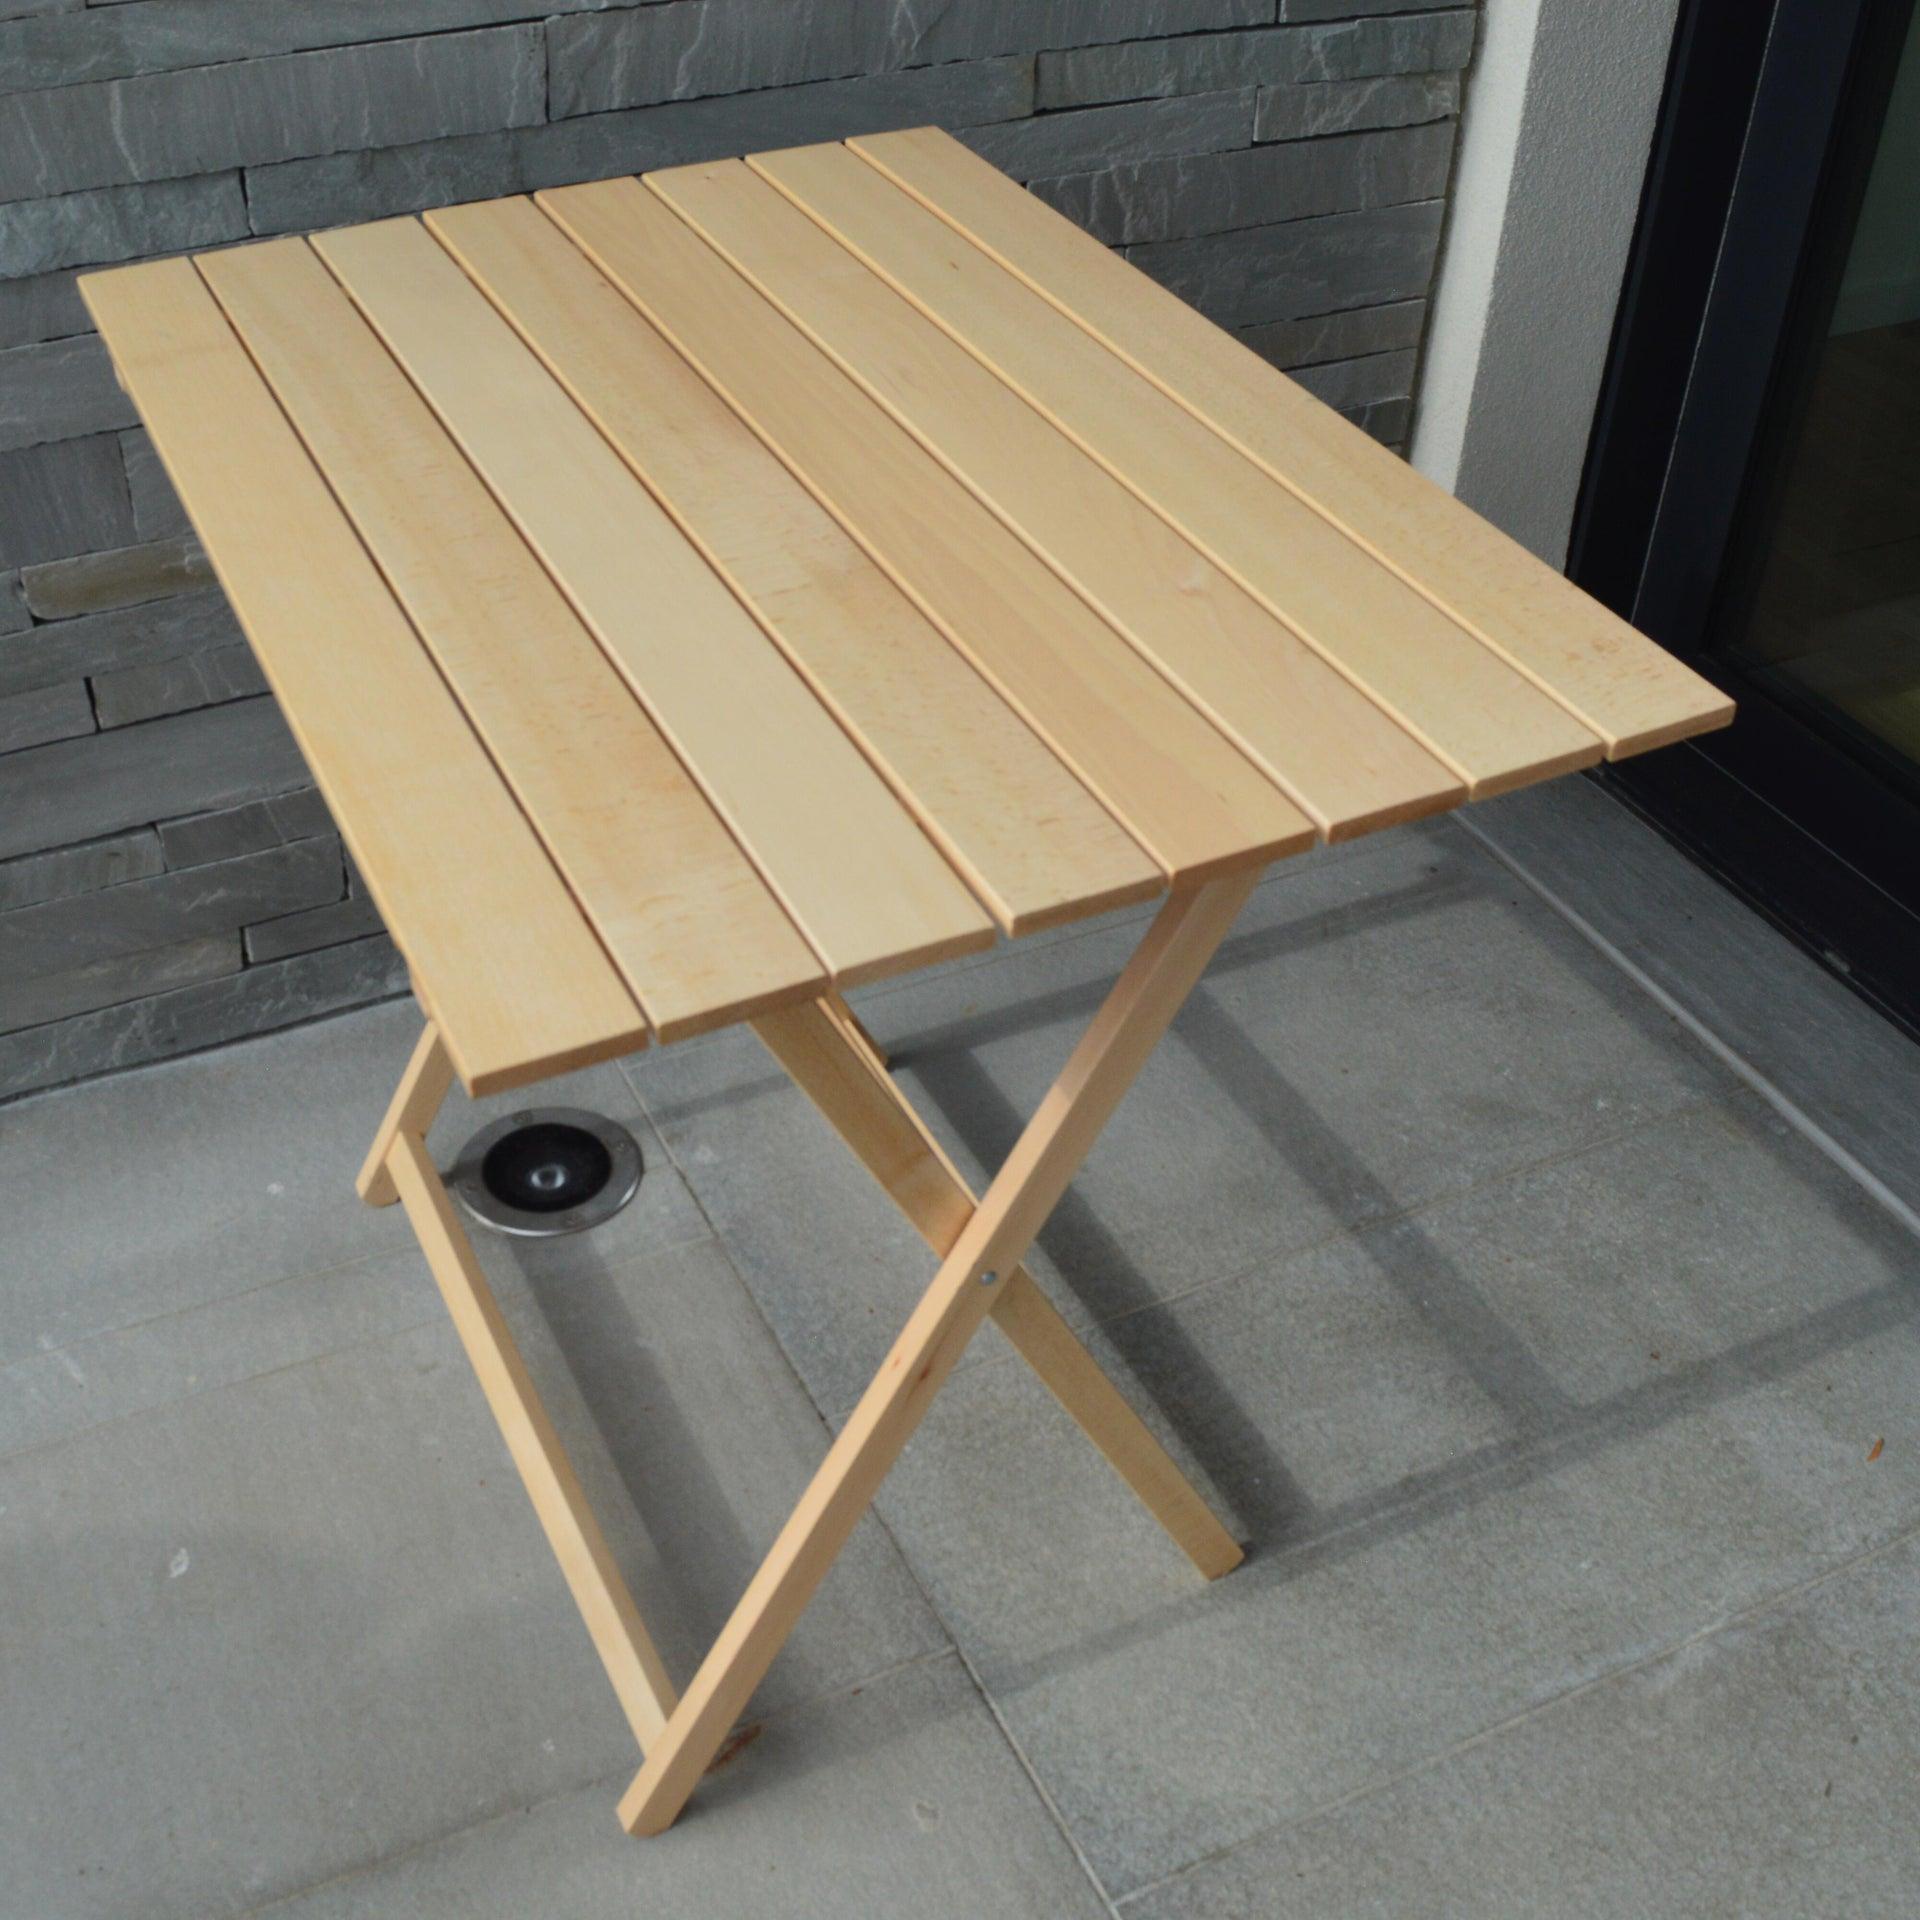 Tavolo da giardino rettangolare pieghevole con piano in legno L 60 x P 80 cm - 3